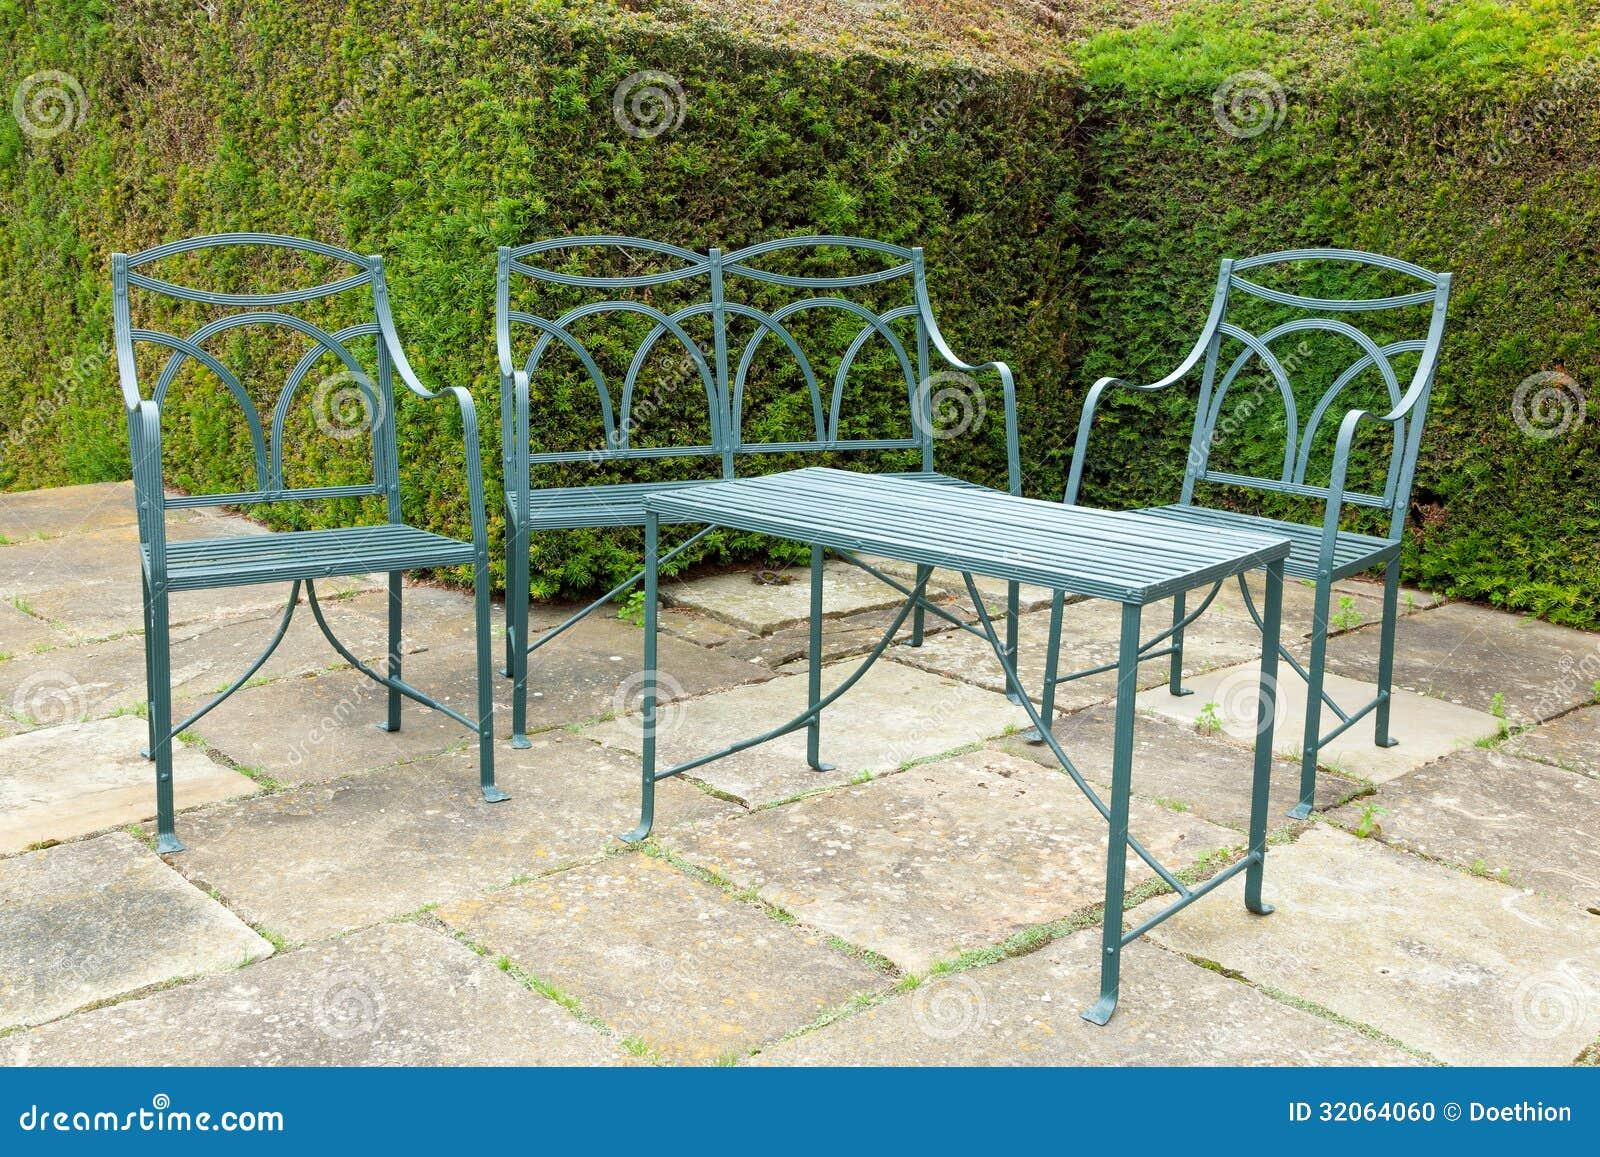 Iron garden furniture set stock photo Image